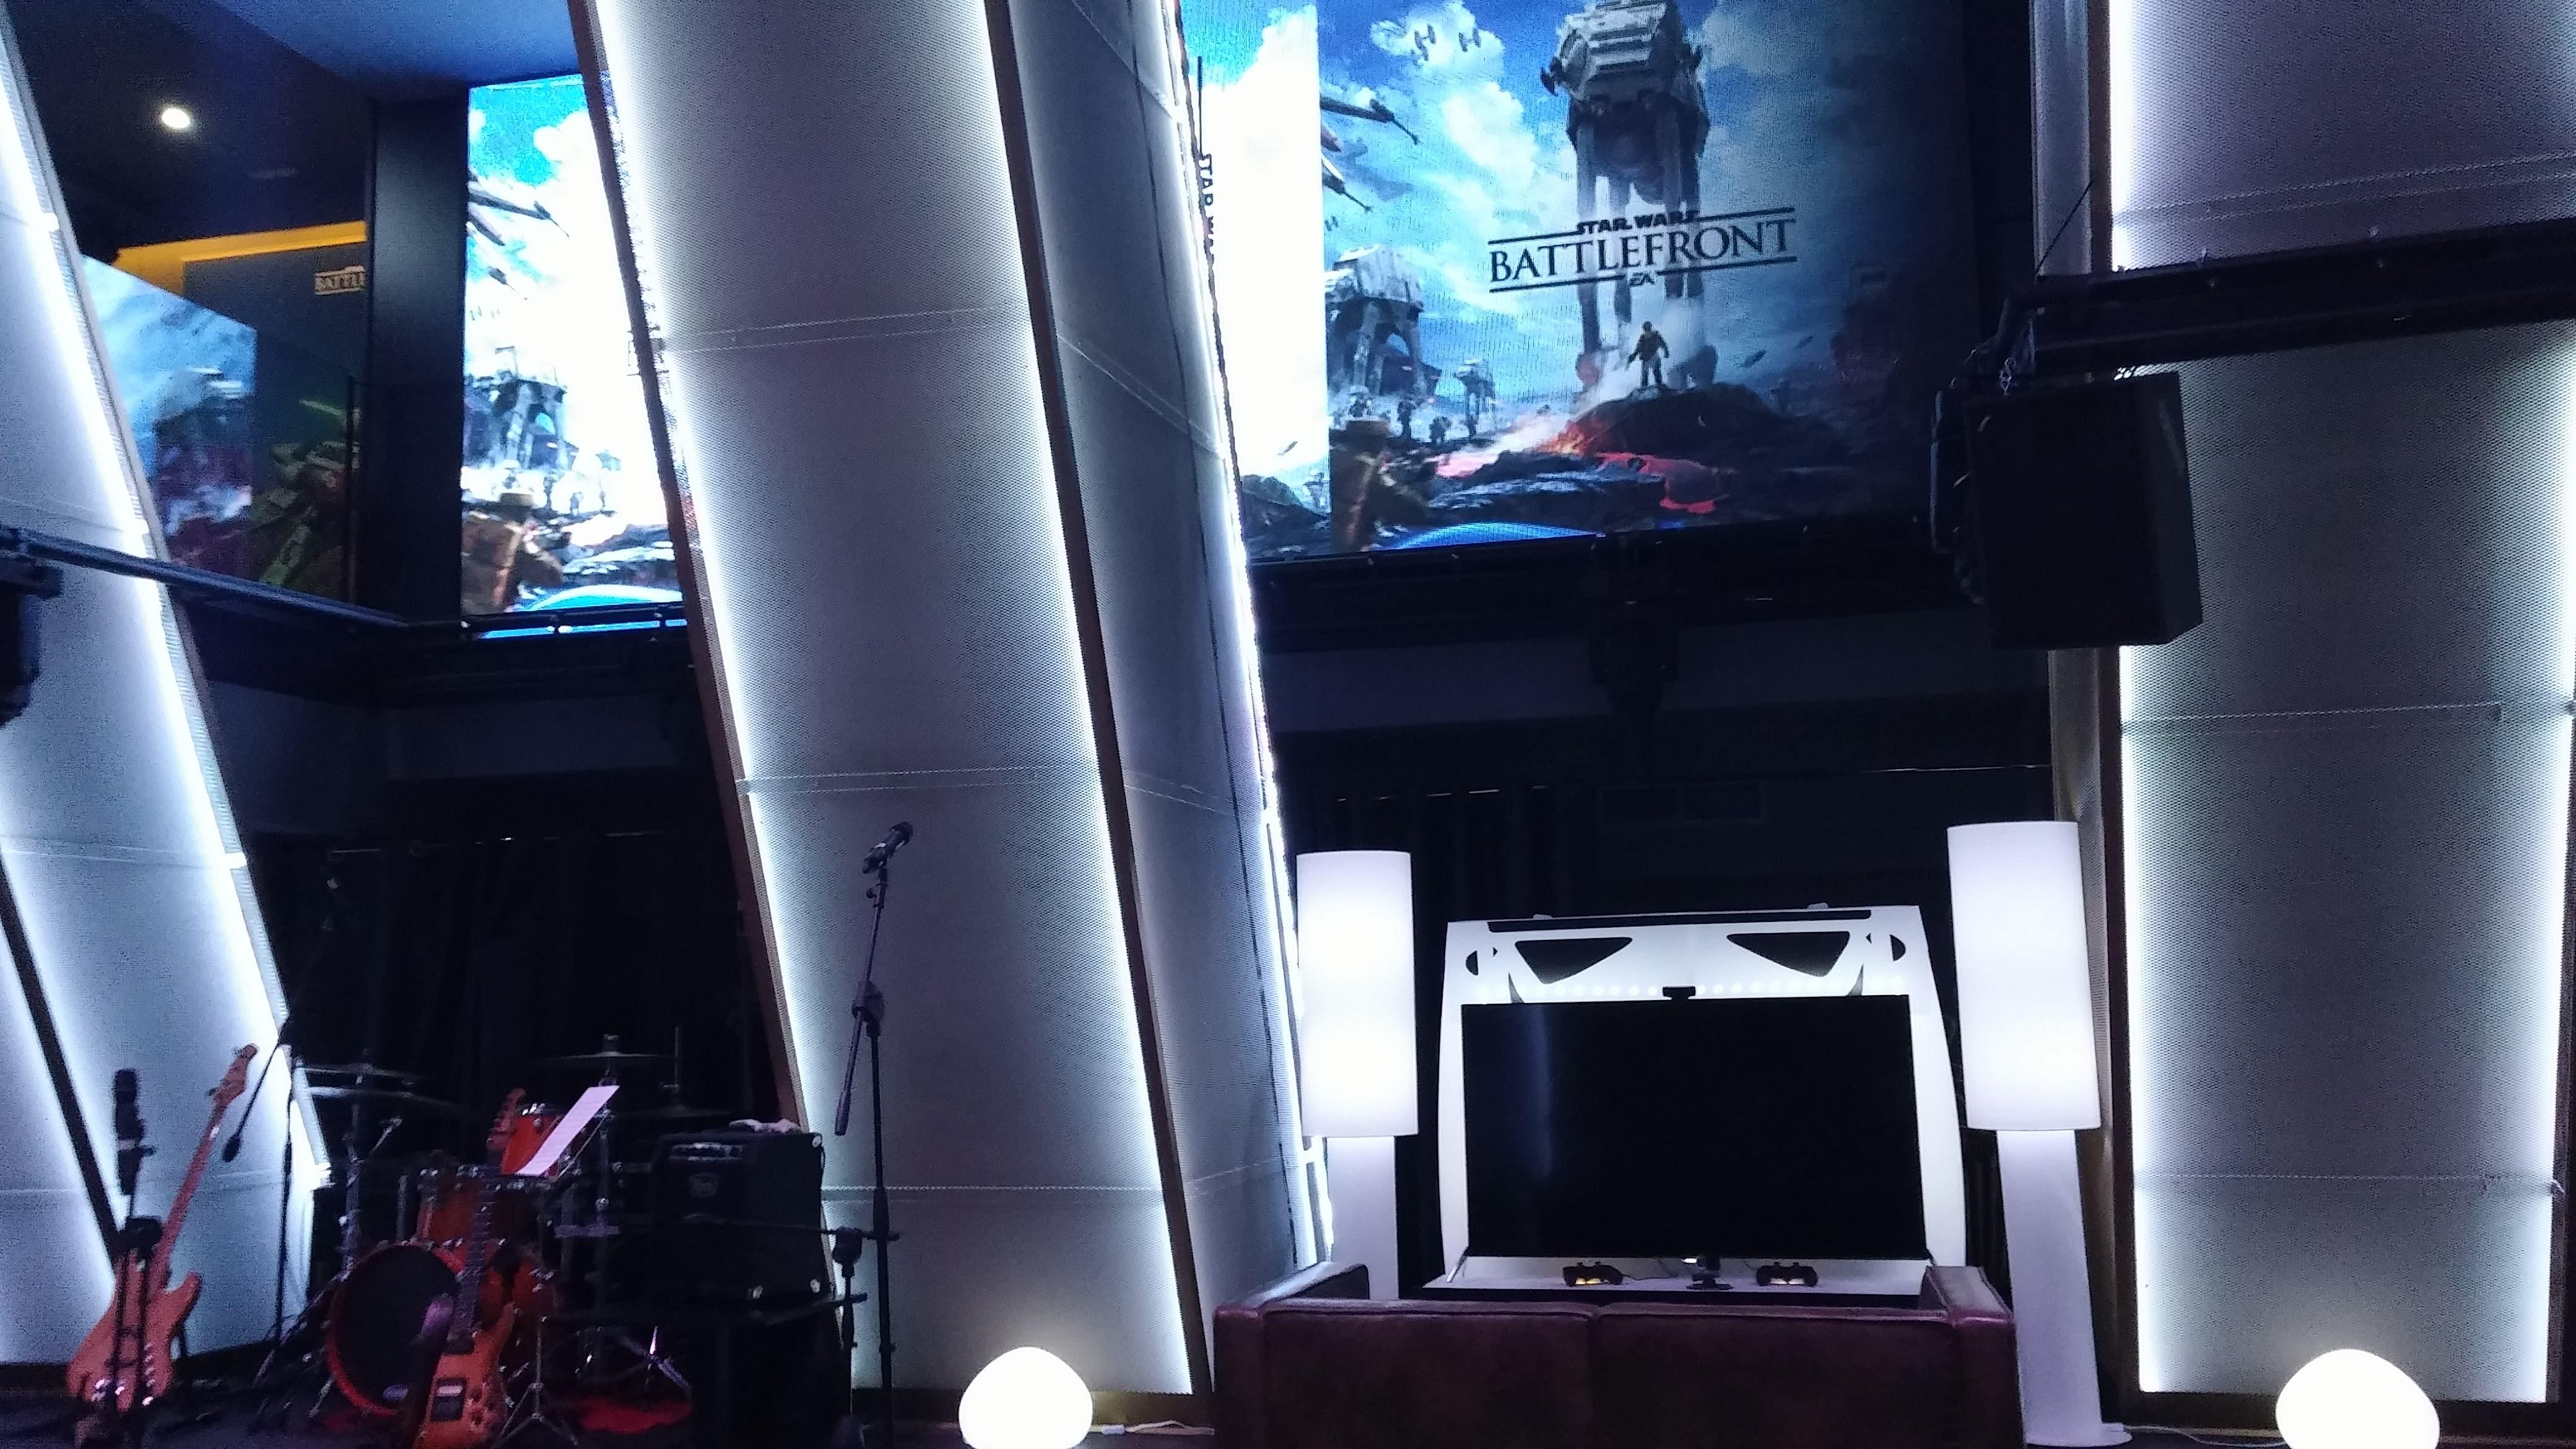 Battlefront-Escenario